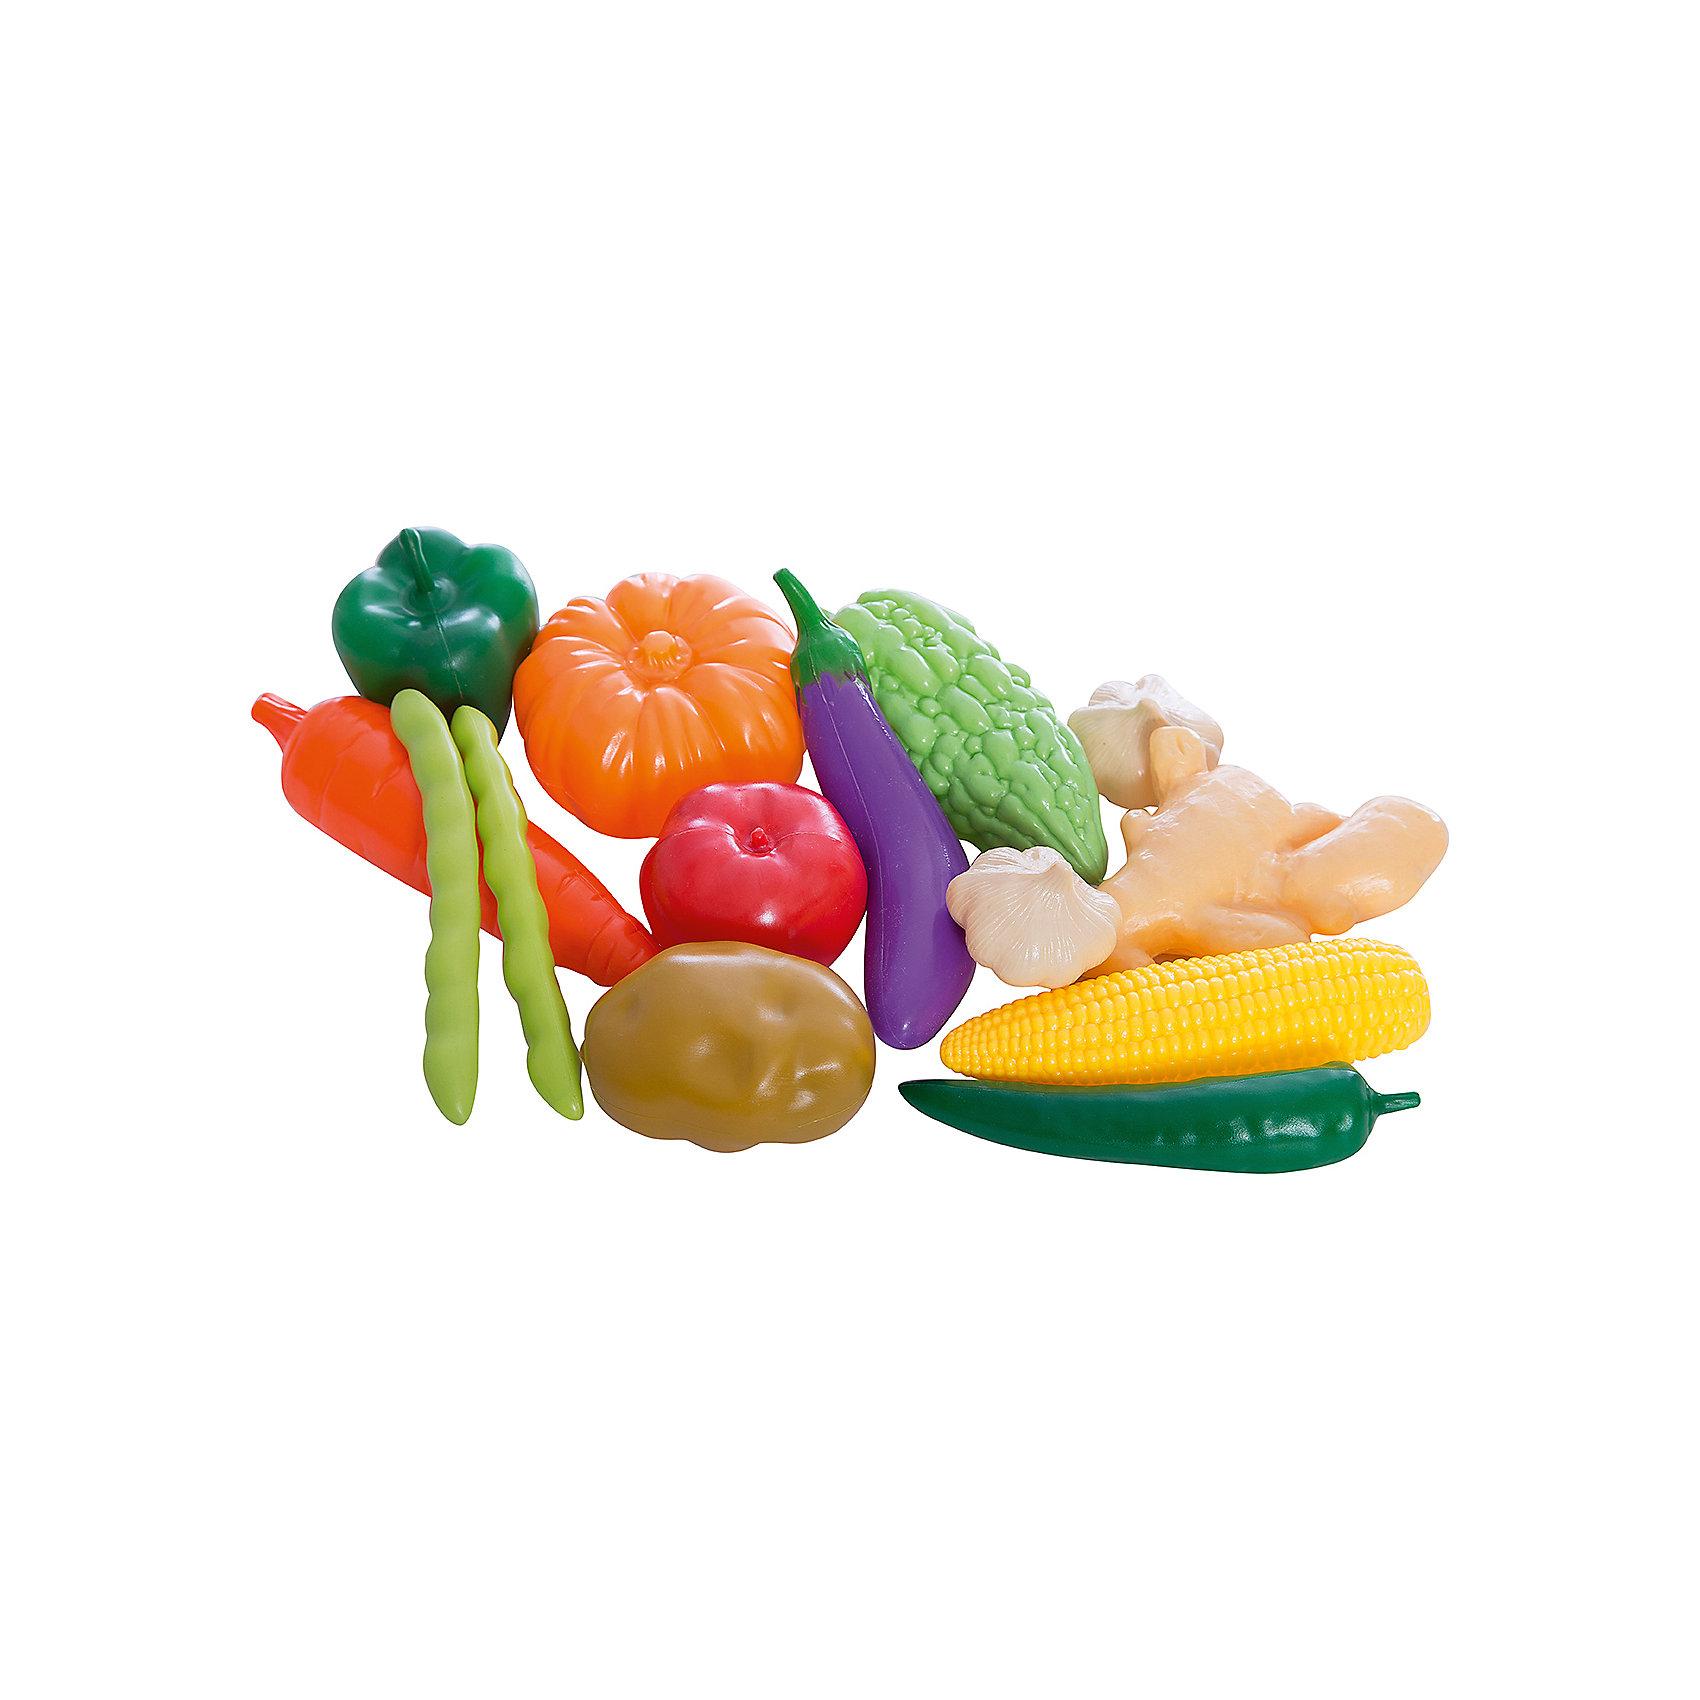 Набор Овощи и фрукты, EstaBellaИгрушечные продукты питания<br>Набор Овощи и фрукты, EstaBella (Эстабелла) – это красочный комплект муляжей фруктов и овощей для увлекательных сюжетно-ролевых игр.<br>Набор Овощи и фрукты от компании EstaBella (Эстабелла) подарит вашей девочке увлекательный мир ролевой игры, фантазии и воображения. Играя с ним, она будет готовиться к взрослой жизни и станет более самостоятельной, уверенной и активной. В комплект входят муляжи картофеля и баклажана, капусты и морковки, сладкого перца и помидора, тыквы и кукурузы и других овощей и фруктов. С таким большим количеством предметов малышке будет легко придумать множество разнообразных игровых сюжетов. Все элементы набора изготовлены из качественного пластика и покрыты нетоксичными красками, не имеют острых углов.<br><br>Дополнительная информация:<br><br>- В наборе: 14 муляжей овощей и фруктов<br>- Материал: пластик<br>- Упаковка: сетка<br>- Размер упаковки: 20х17х12 см.<br>- Вес: 222 гр.<br><br>Набор Овощи и фрукты, EstaBella (Эстабелла) можно купить в нашем интернет-магазине.<br><br>Ширина мм: 200<br>Глубина мм: 120<br>Высота мм: 170<br>Вес г: 222<br>Возраст от месяцев: 36<br>Возраст до месяцев: 72<br>Пол: Женский<br>Возраст: Детский<br>SKU: 4552905